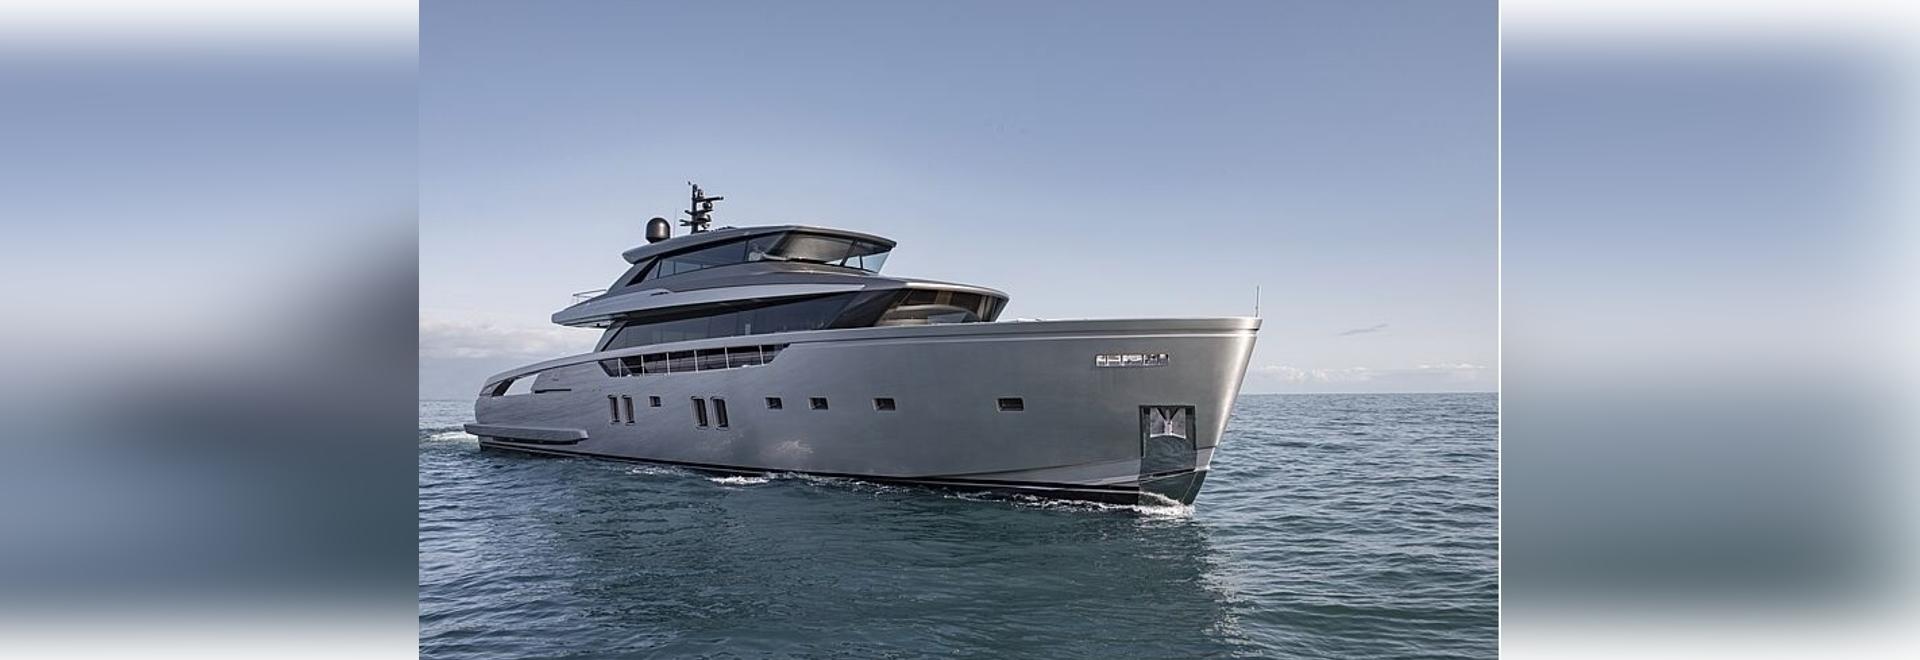 Die Villa, die schwimmt: An Bord des 34-m-Modells SX112 von Sanlorenzo